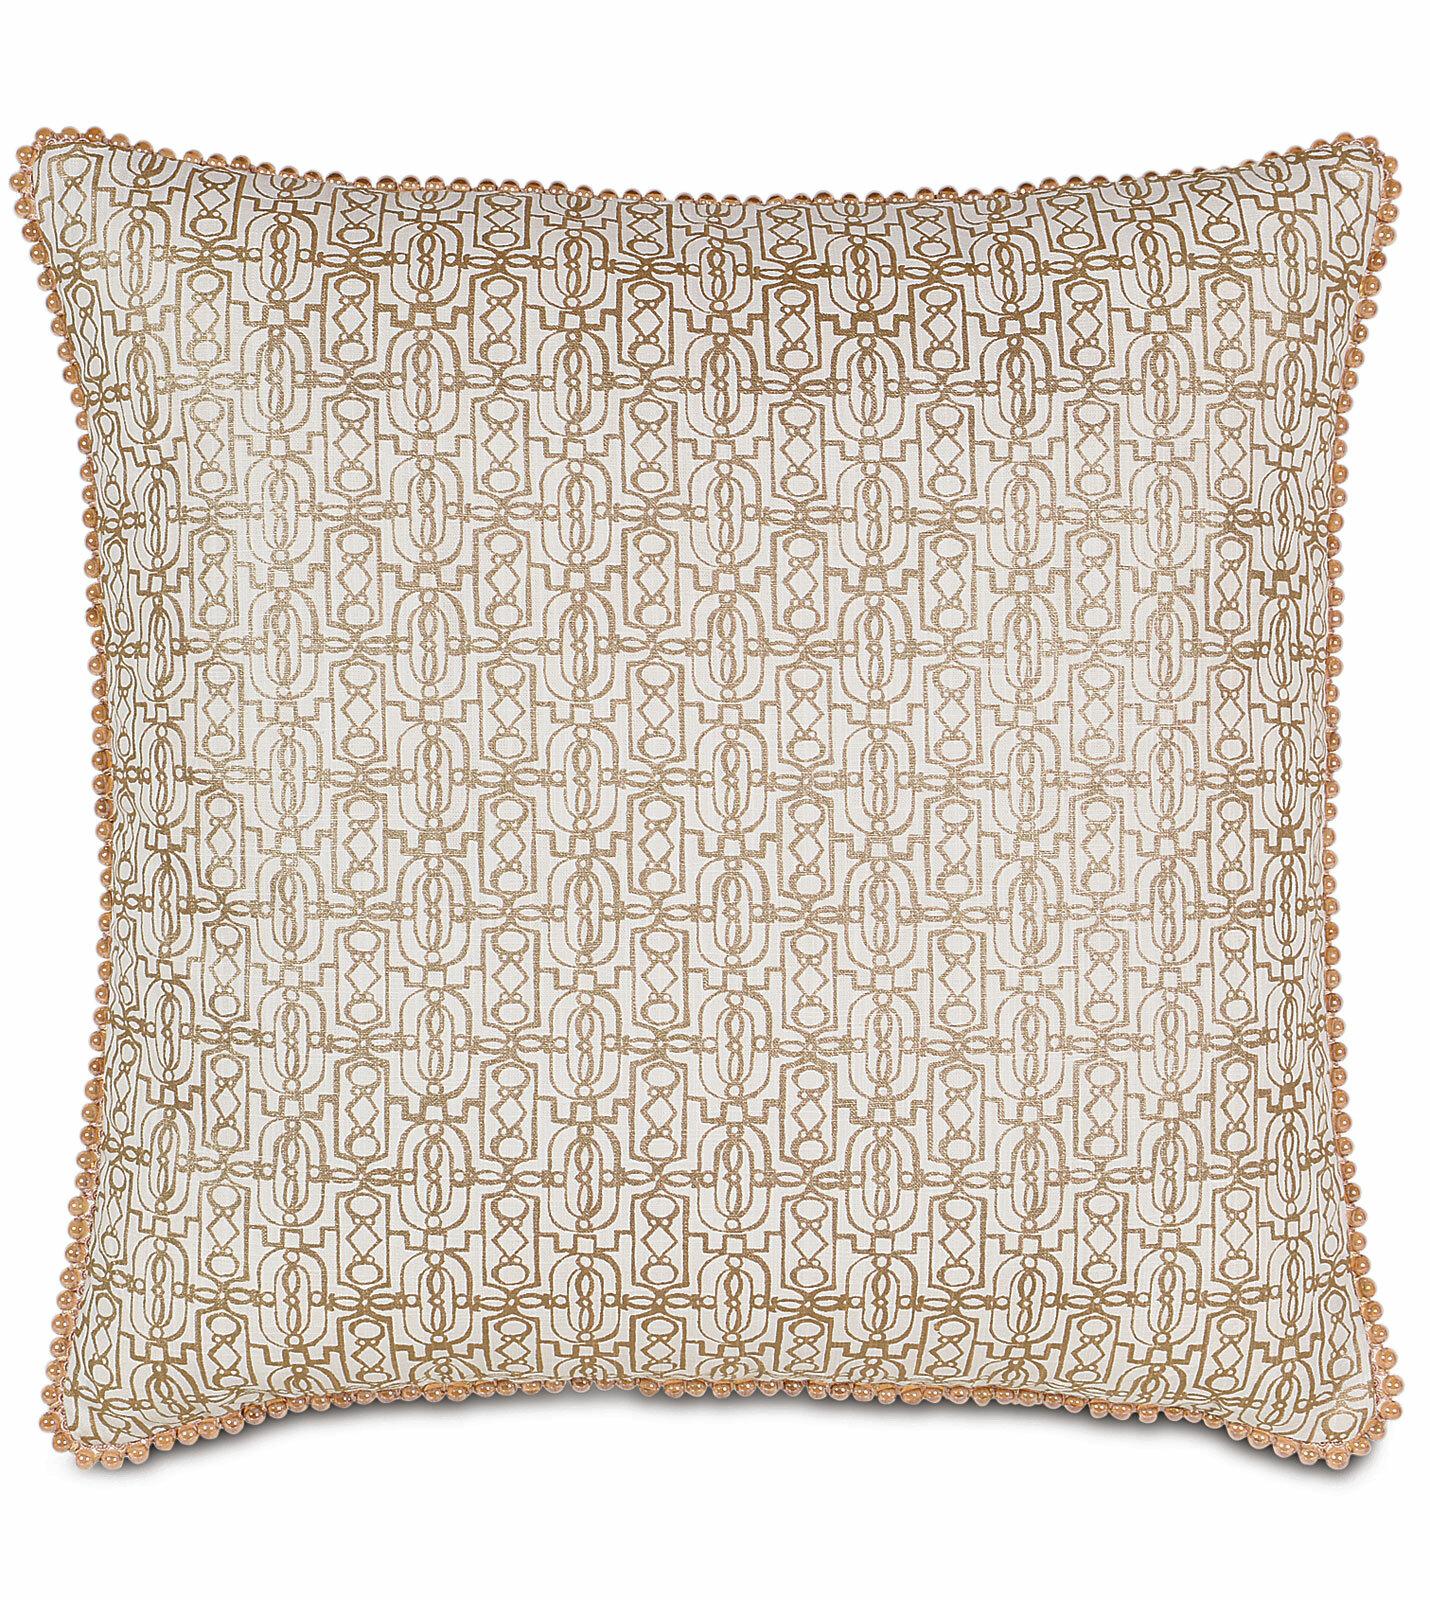 Eastern Accents Halo Cordova Cotton Throw Pillow Wayfair